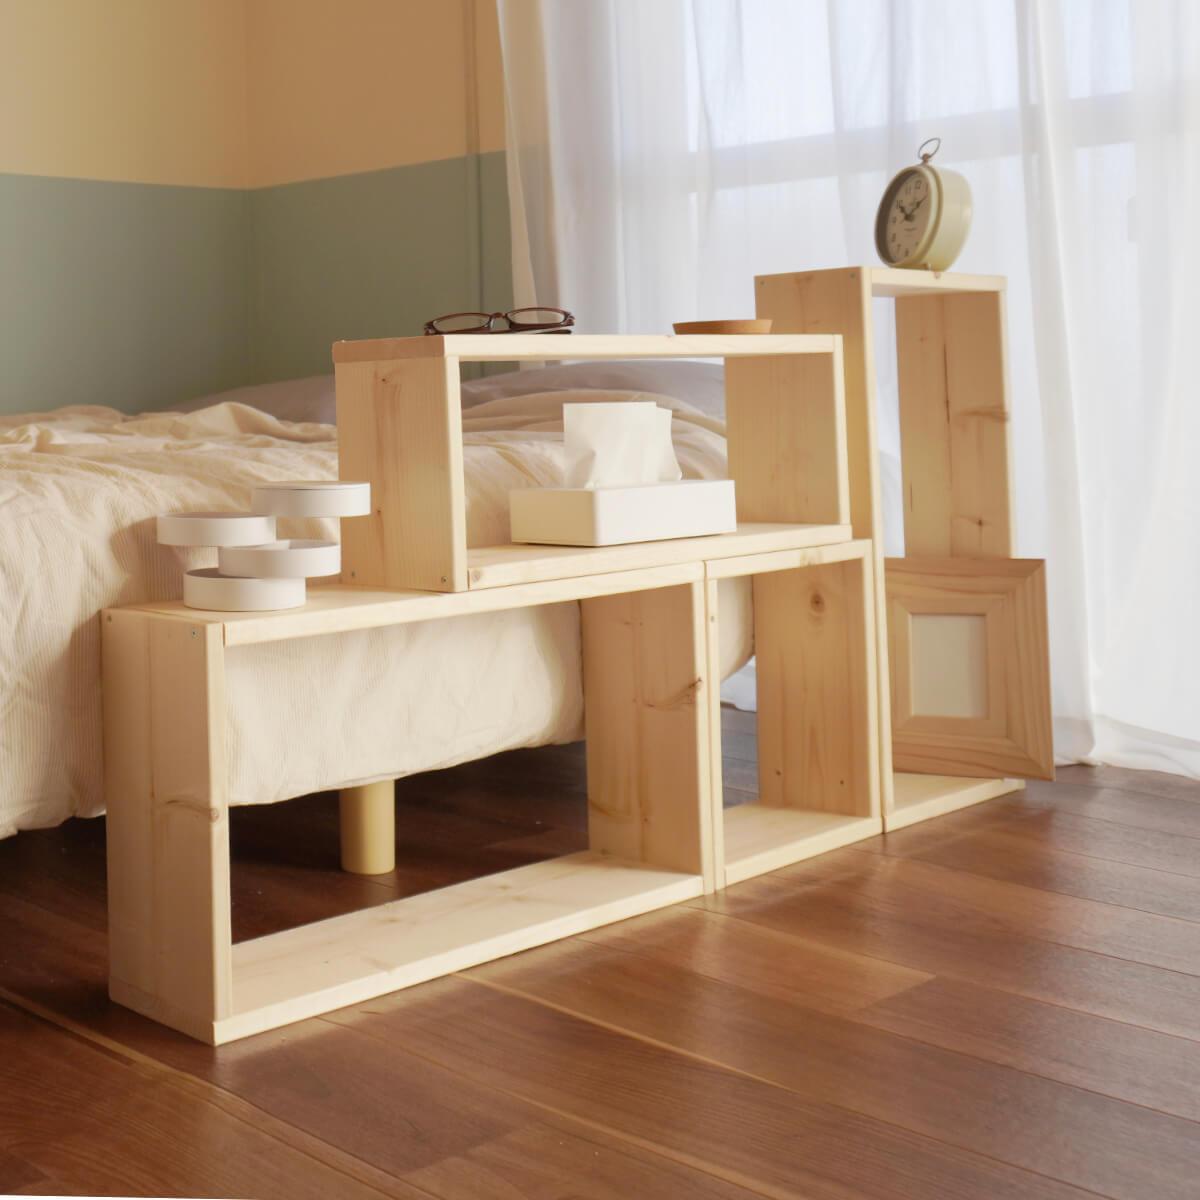 積んで、並べて、木のディスプレー収納ボックス(4個)